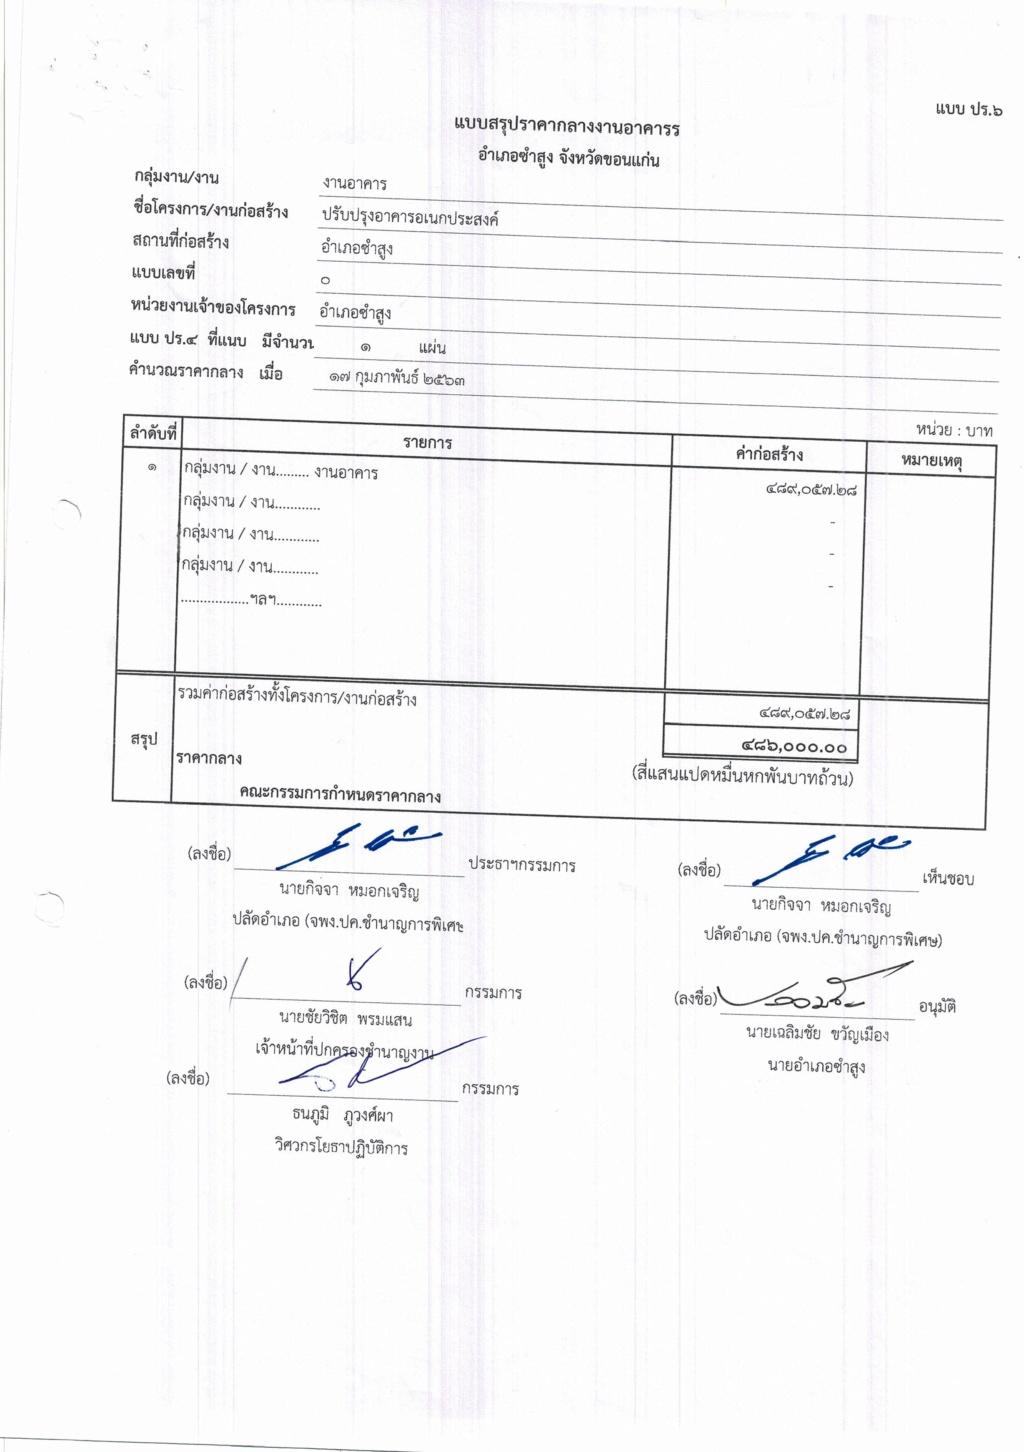 โครงการปรับปรุงอาคารหอประชุม อำเภอซำสูง จังหวัดขอนแก่น ประจำปีงบประมาณ 2563   Cci_0016